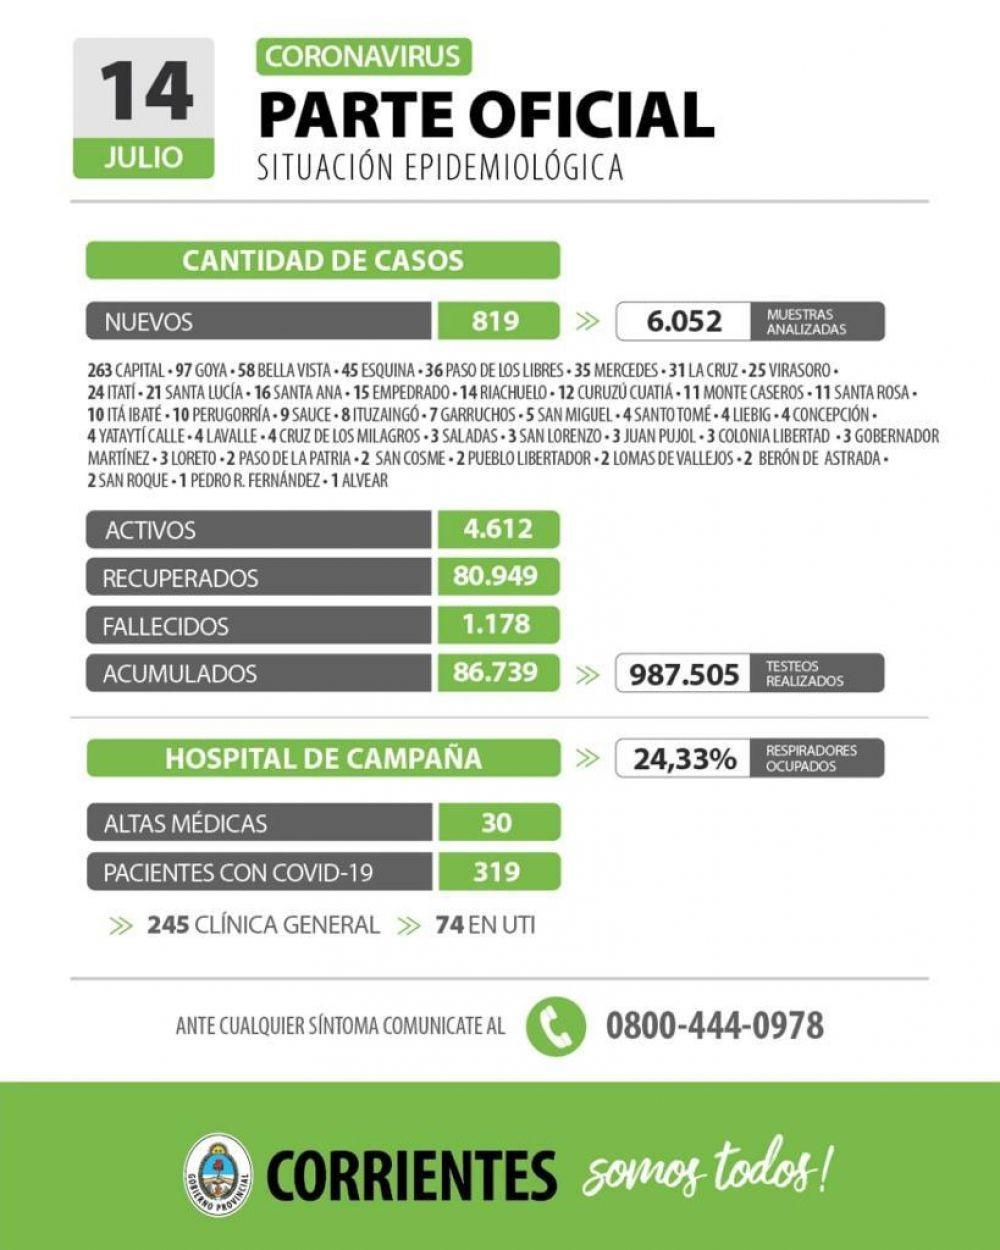 Informan de 819 nuevos casos de coronavirus en Corrientes